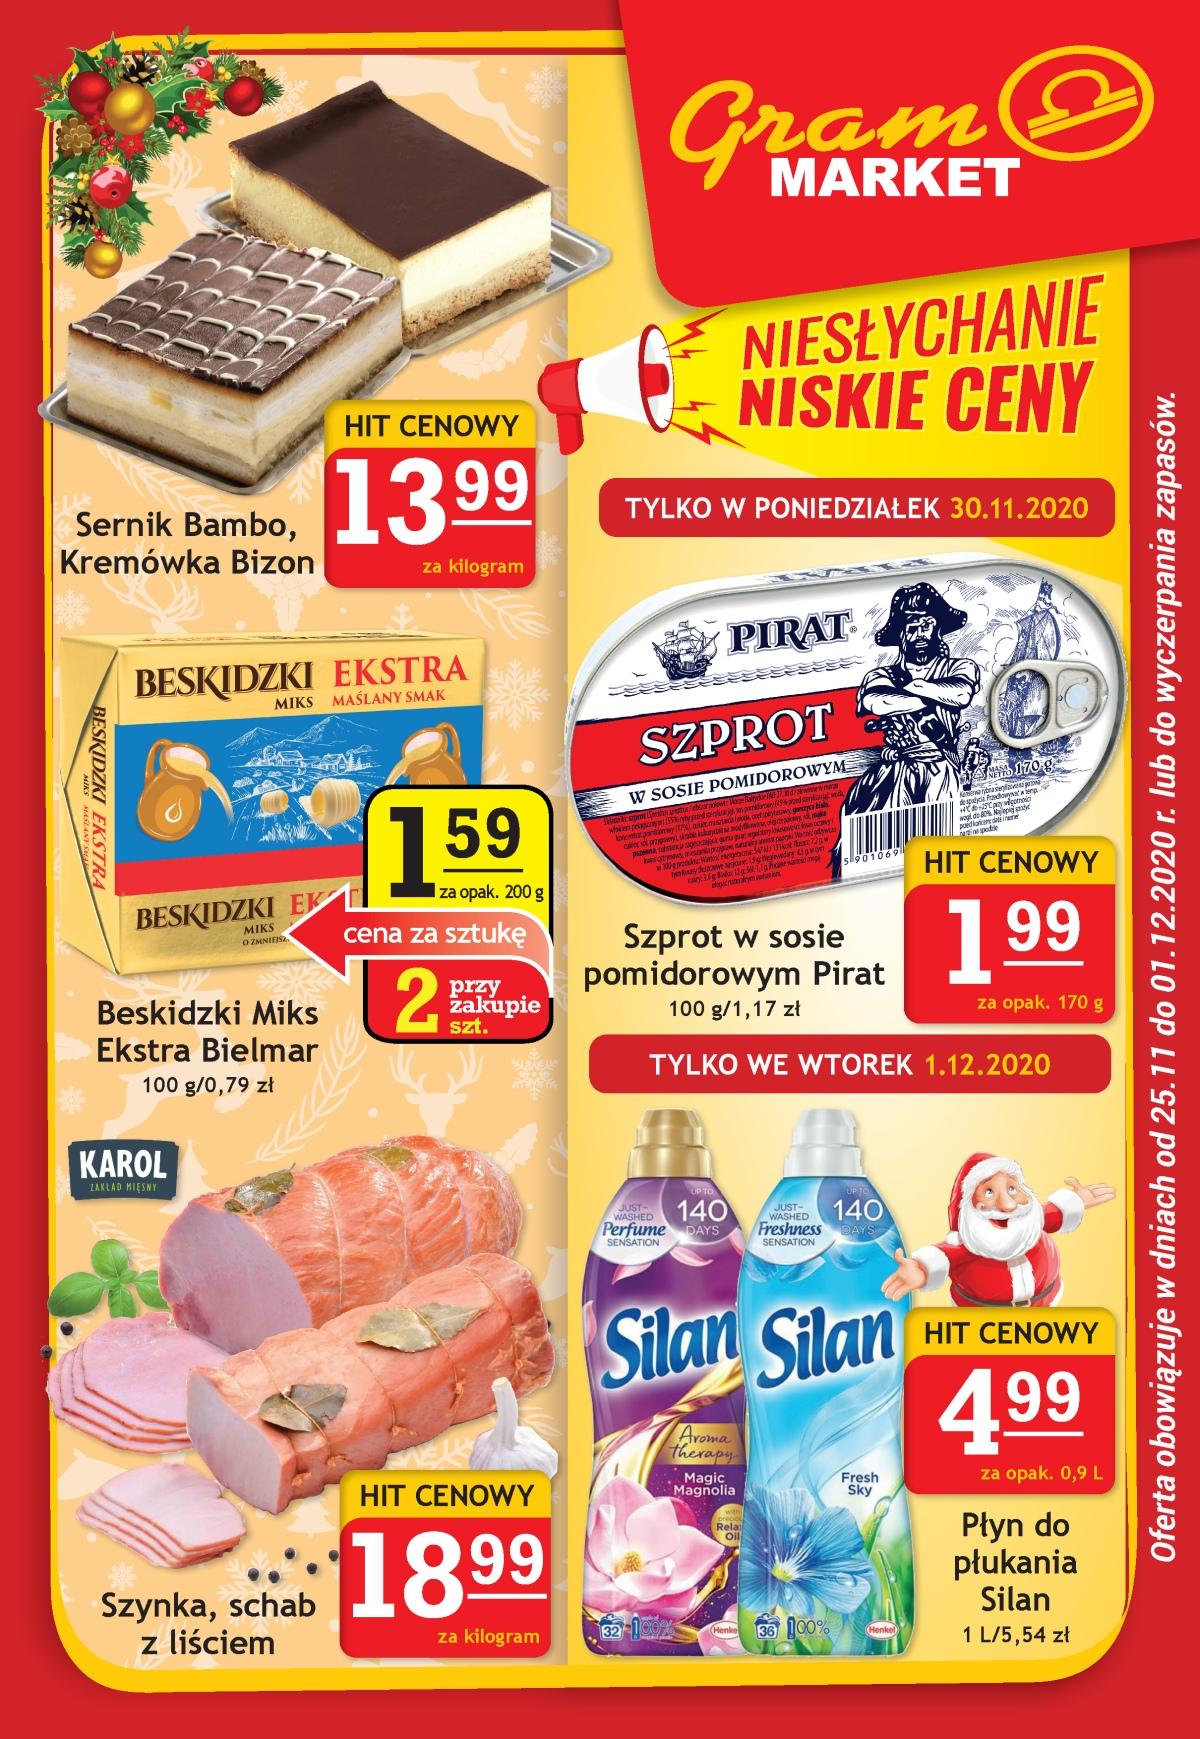 GramMarket_25.11-01.12.2020_1